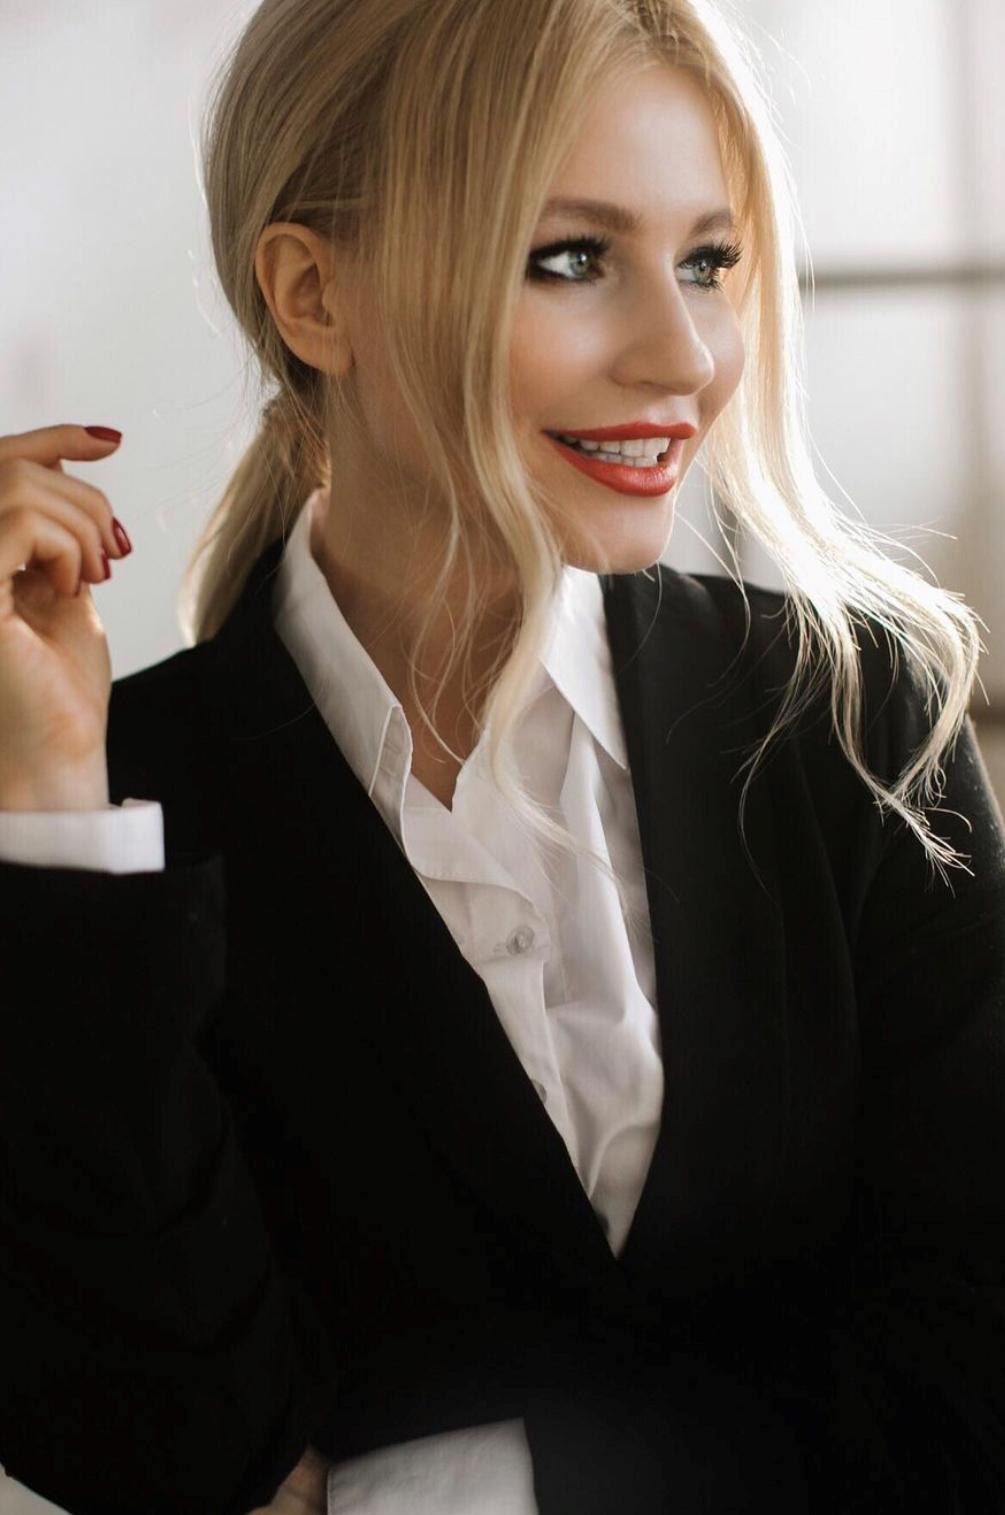 Agence matrimoniale rencontre de Anastassia  femme célibataire de 35 ans, Rouen.